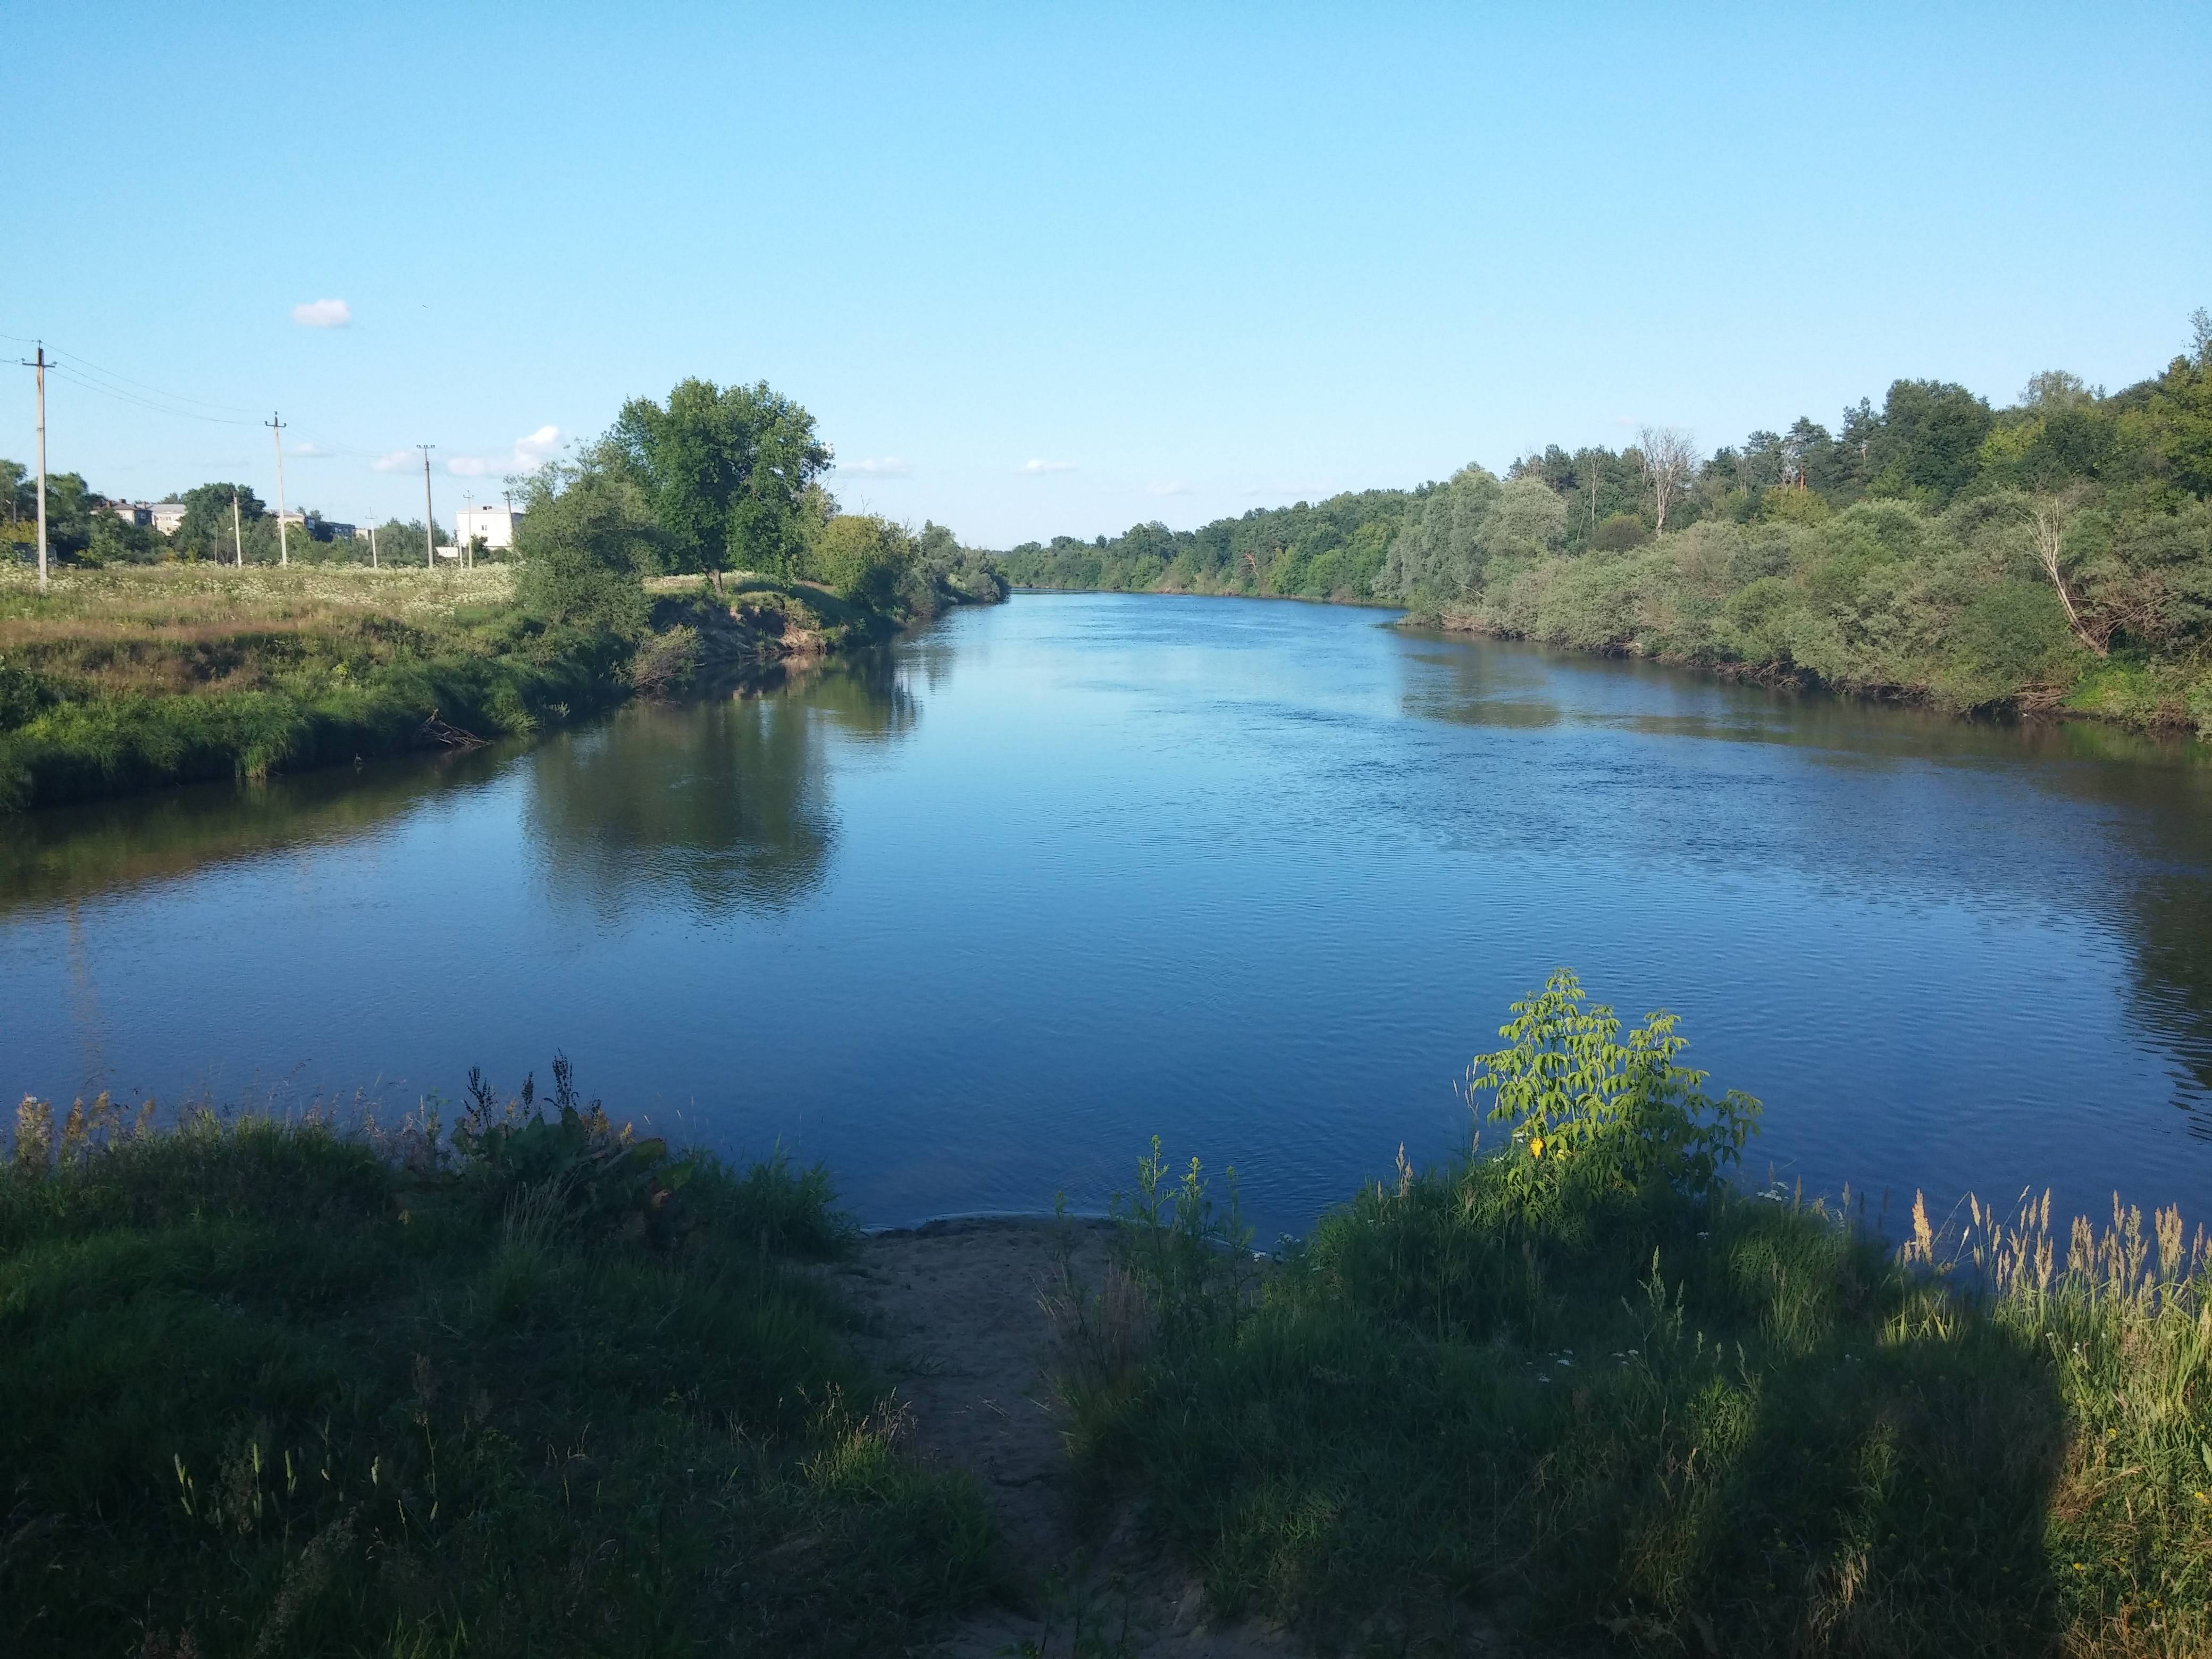 Река клязьма, устье реки киржач (пос. войново-гора)